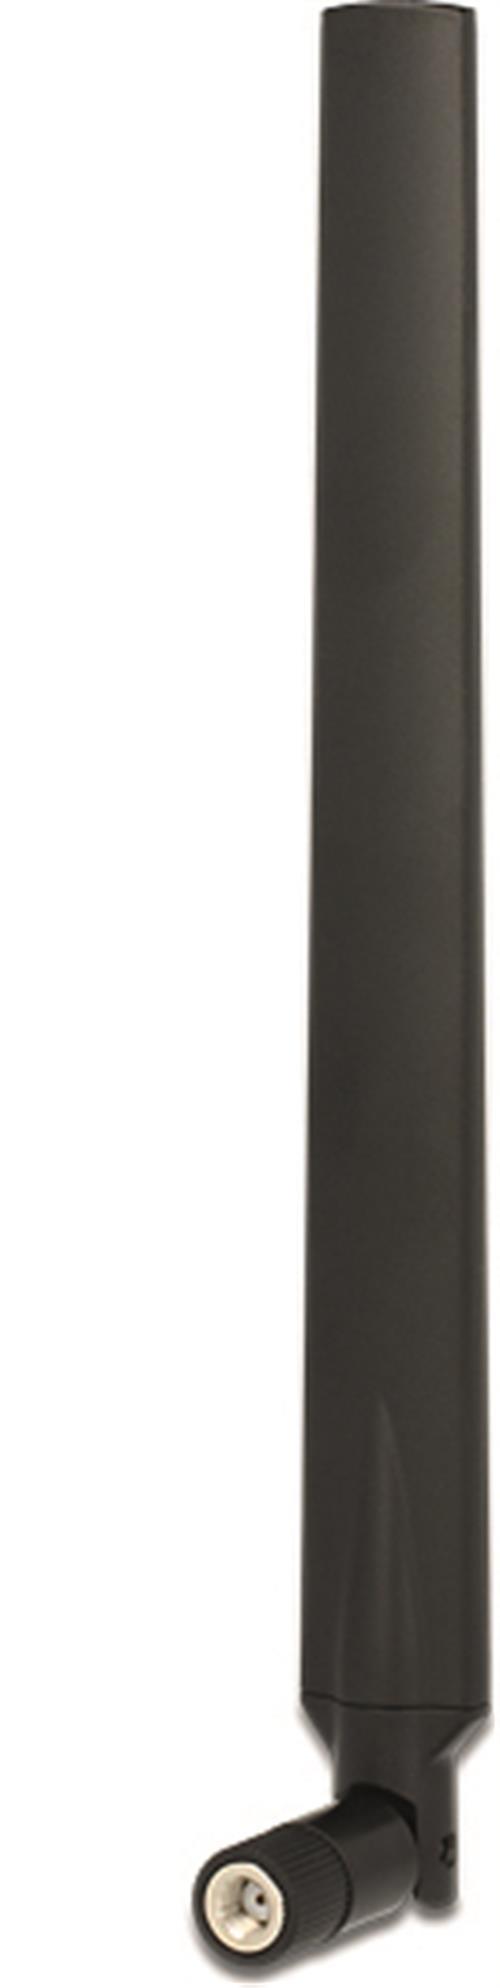 DeLOCK WLAN antenn - RP-SMA